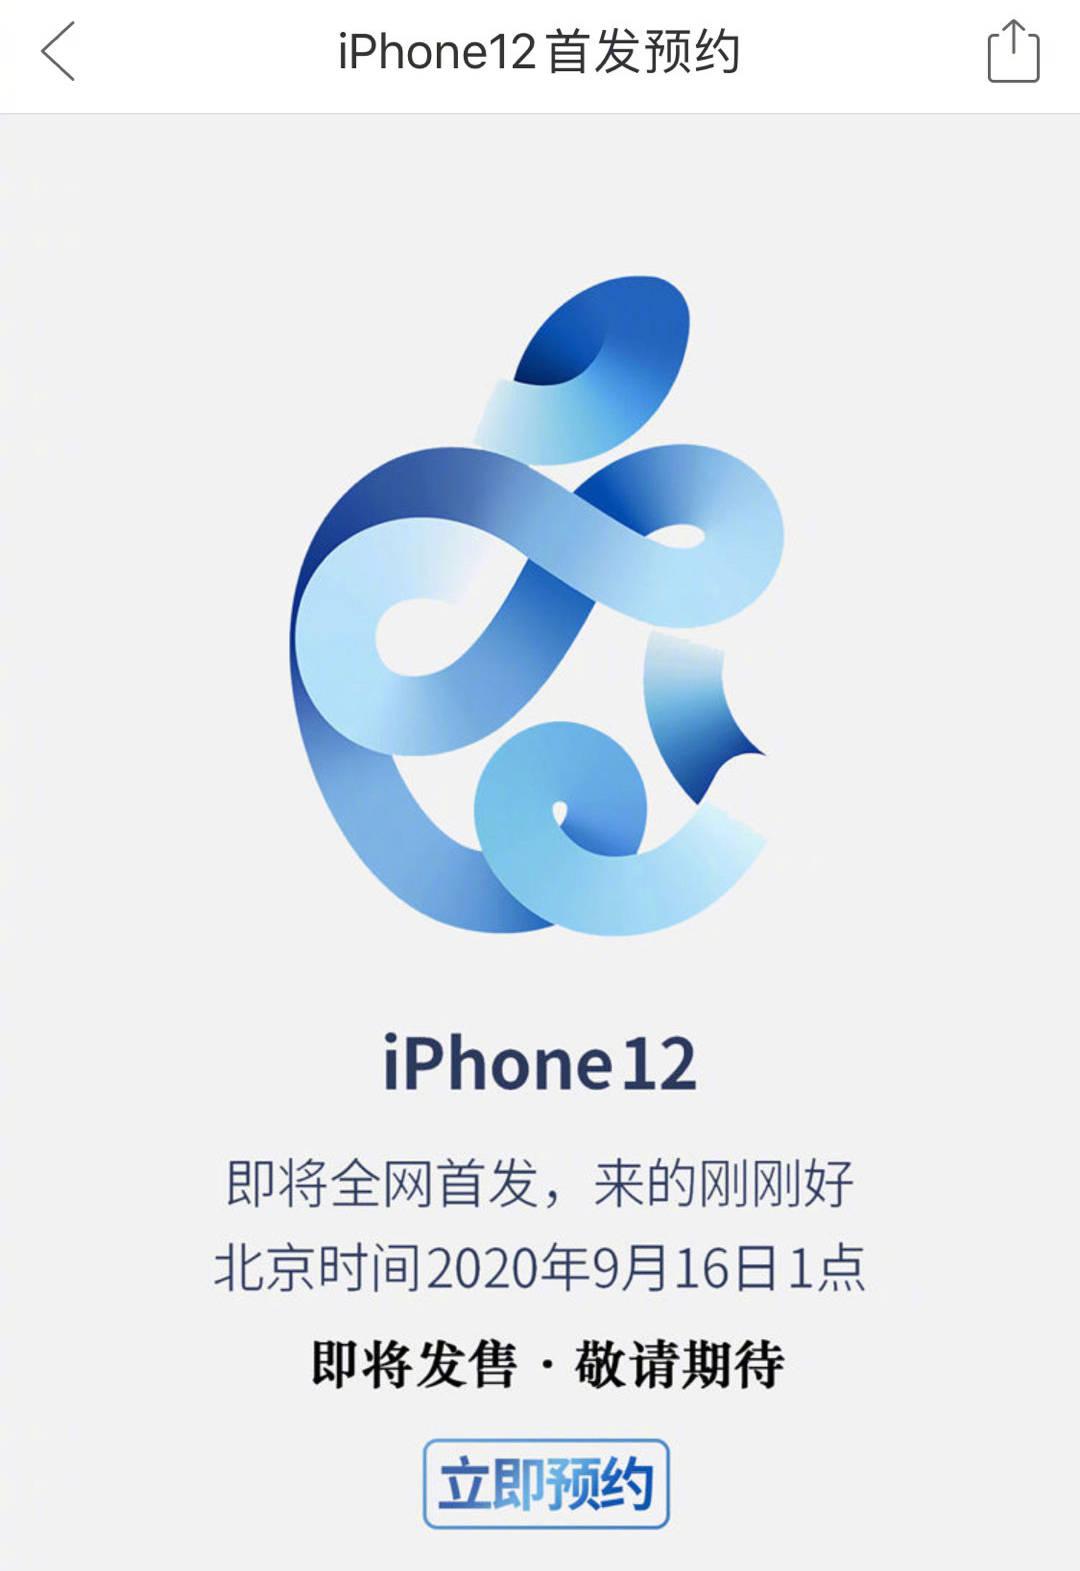 拼多多取消iPhone 12预约页面 于昨日刚刚上架